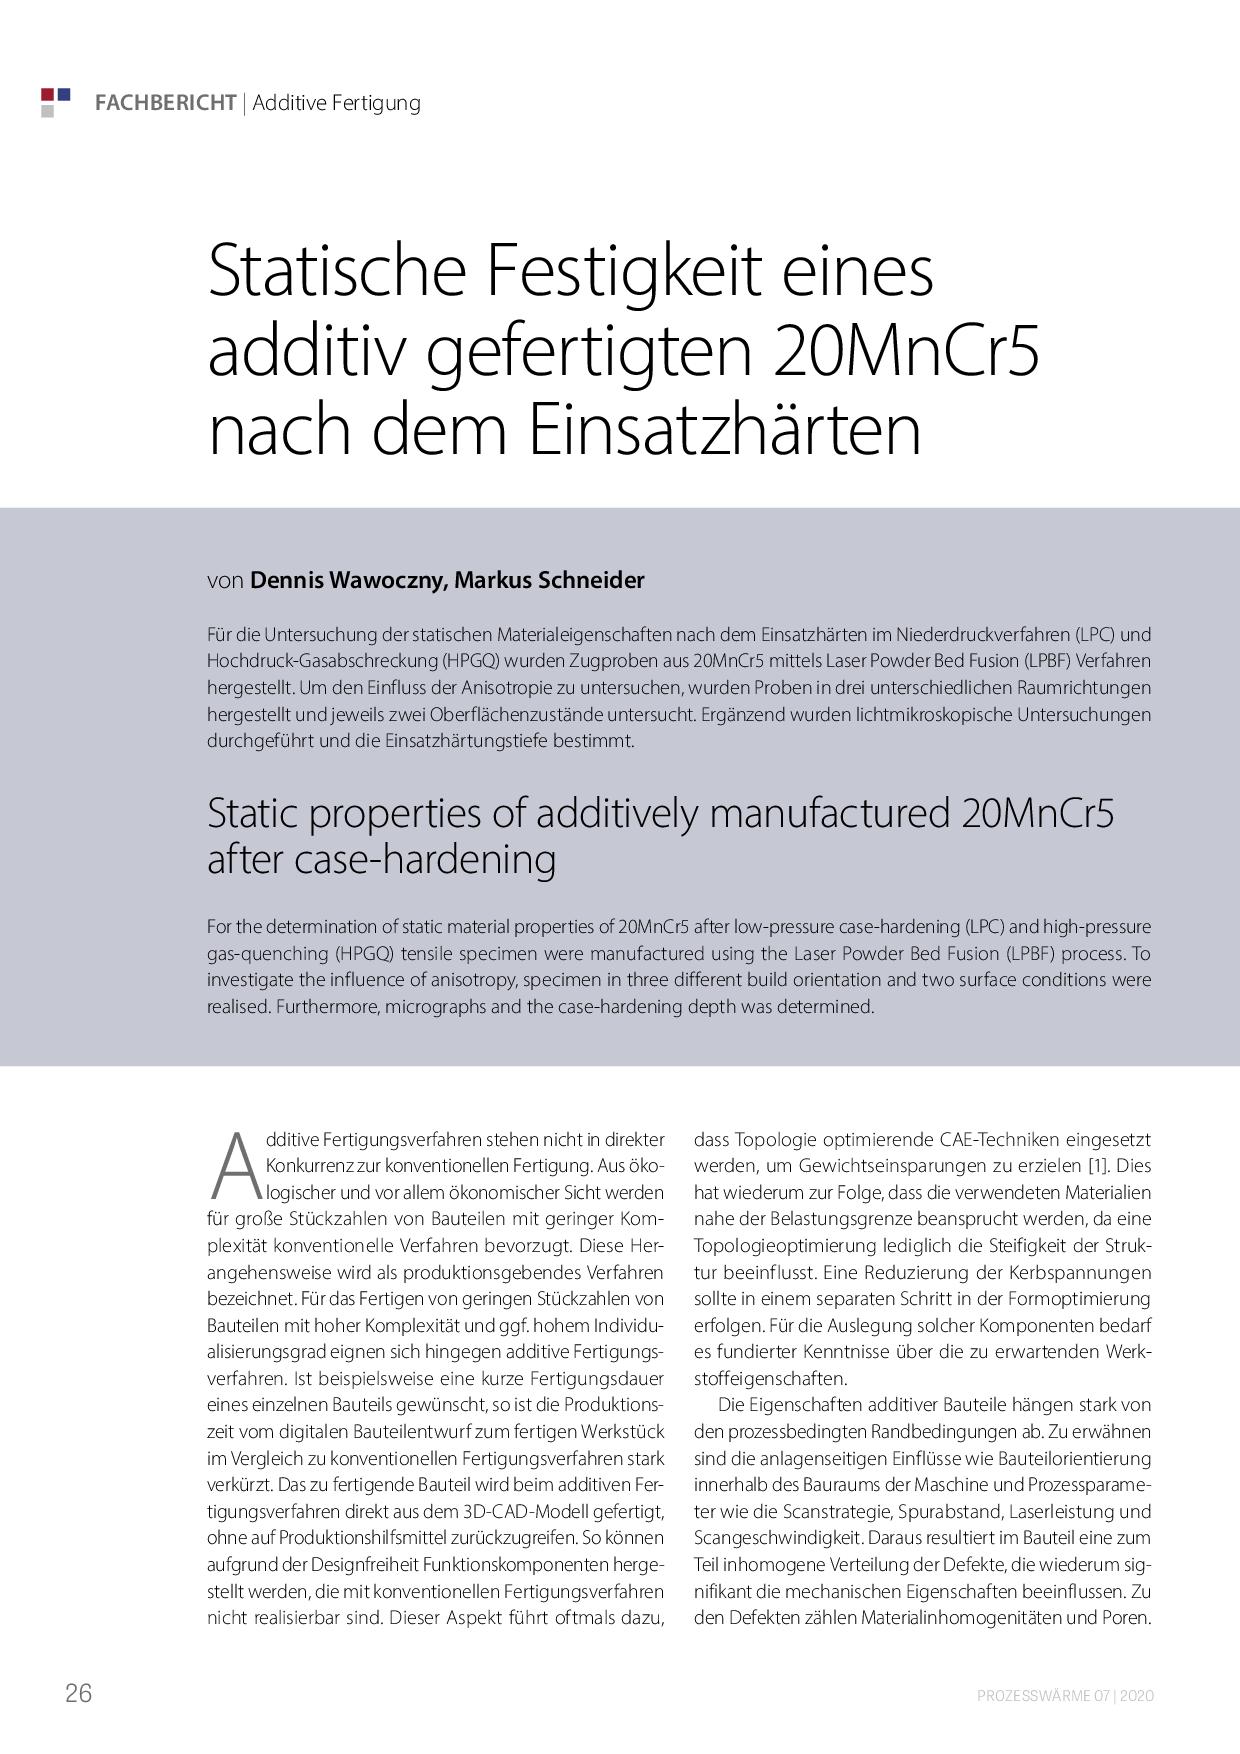 Statische Festigkeit eines additiv gefertigten 20MnCr5 nach dem Einsatzhärten